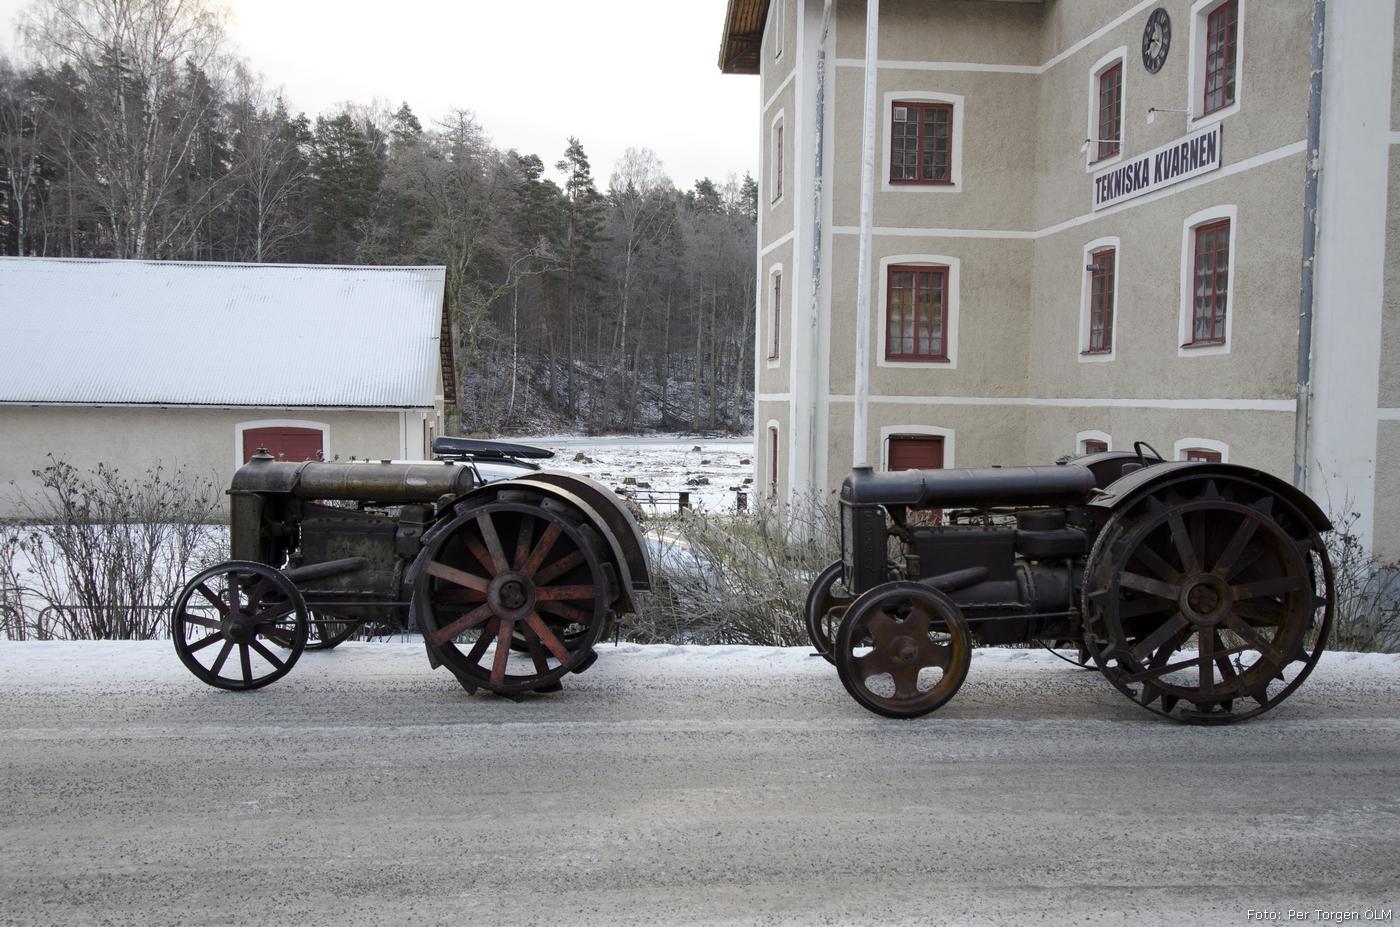 2012-02-10_055_Tekniska_kvarnen